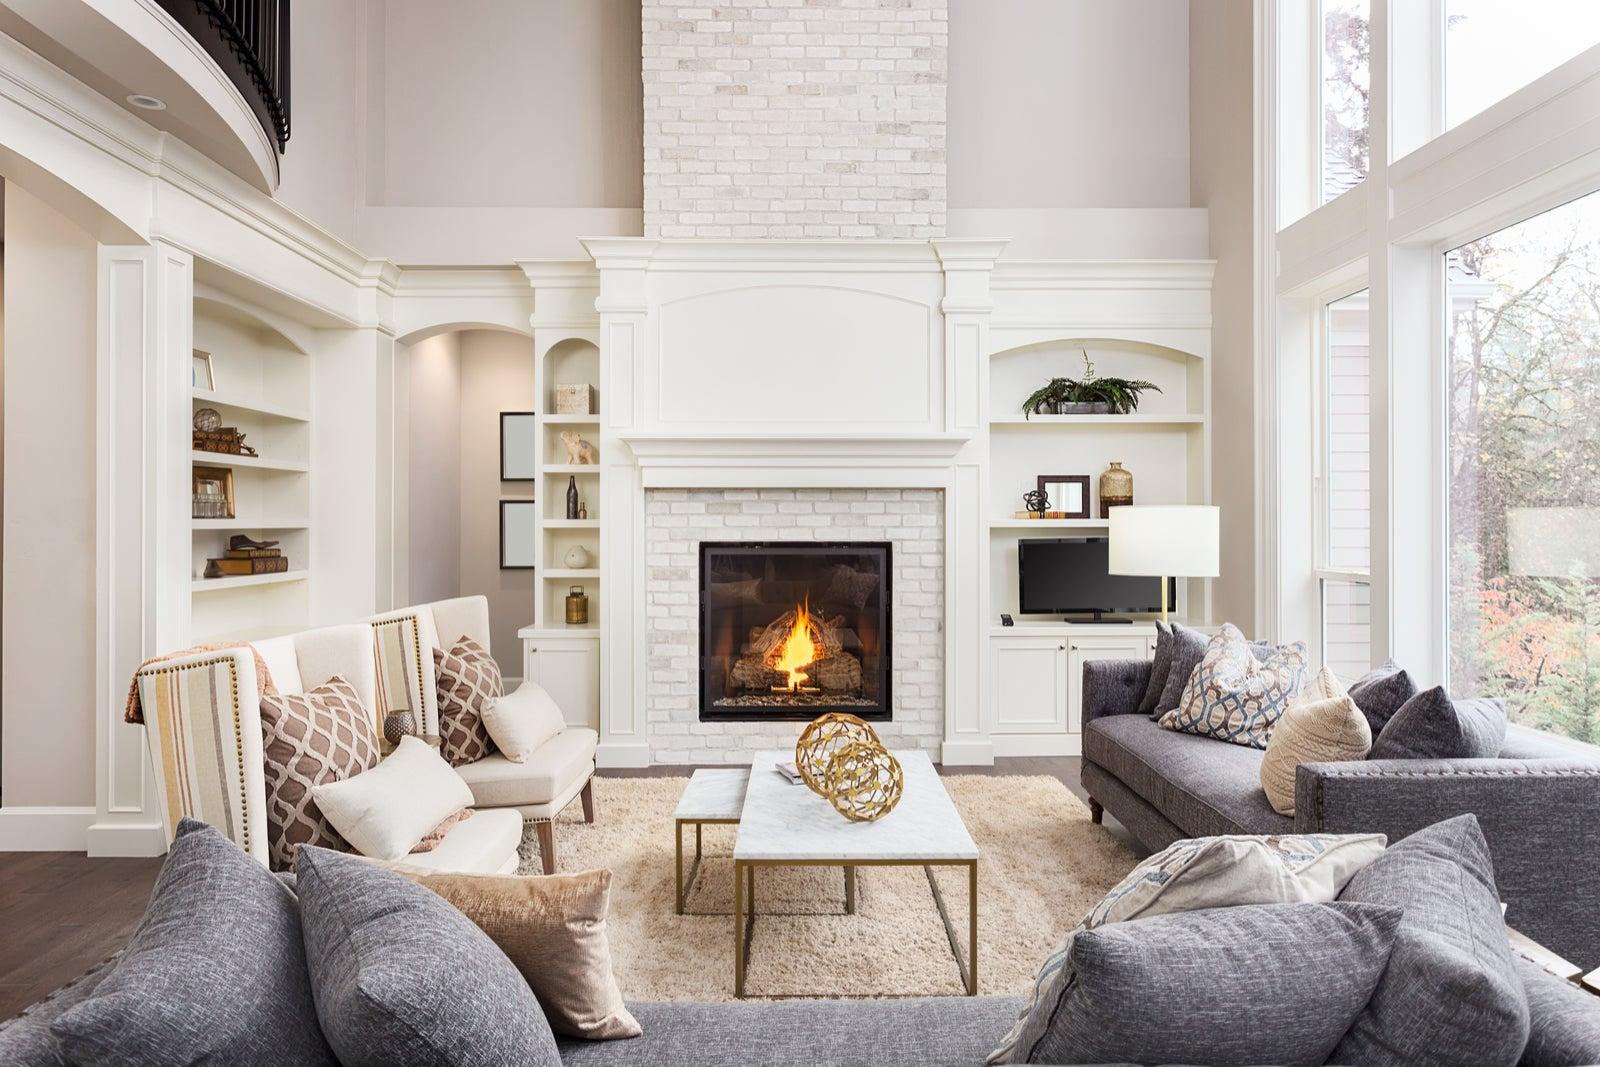 Casas de techo alto: aprende a decorar este magnífico tipo de hogar